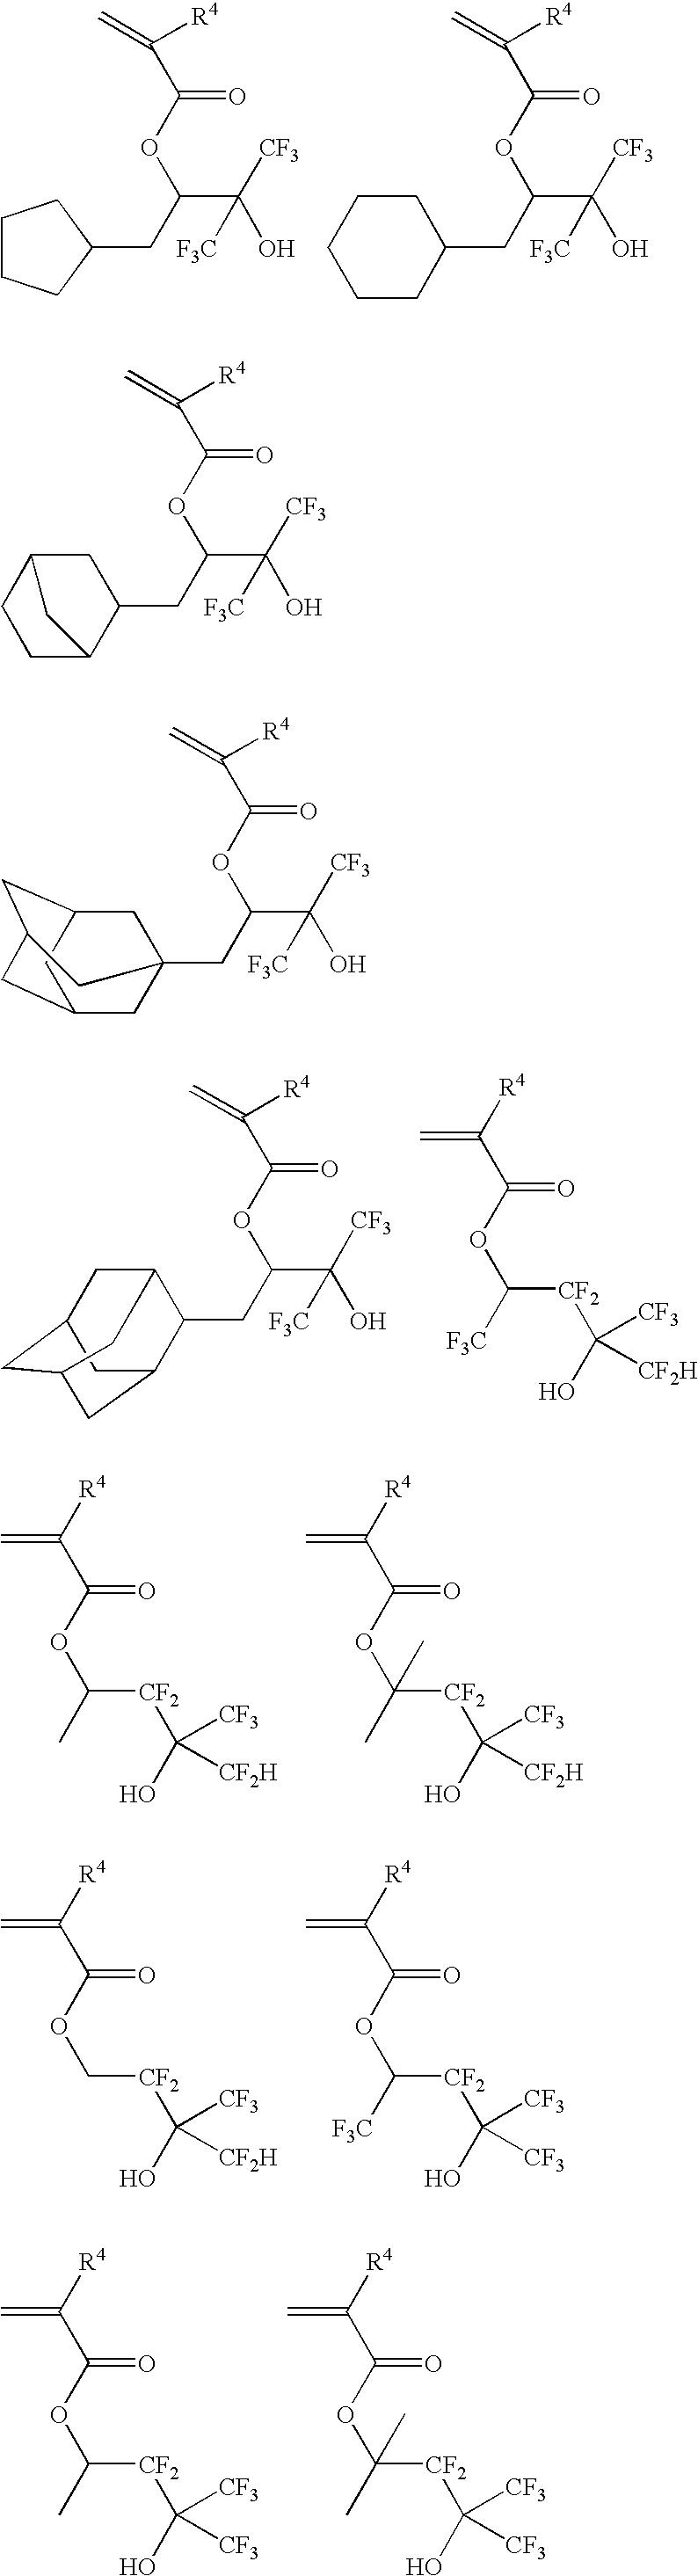 Figure US20090011365A1-20090108-C00008